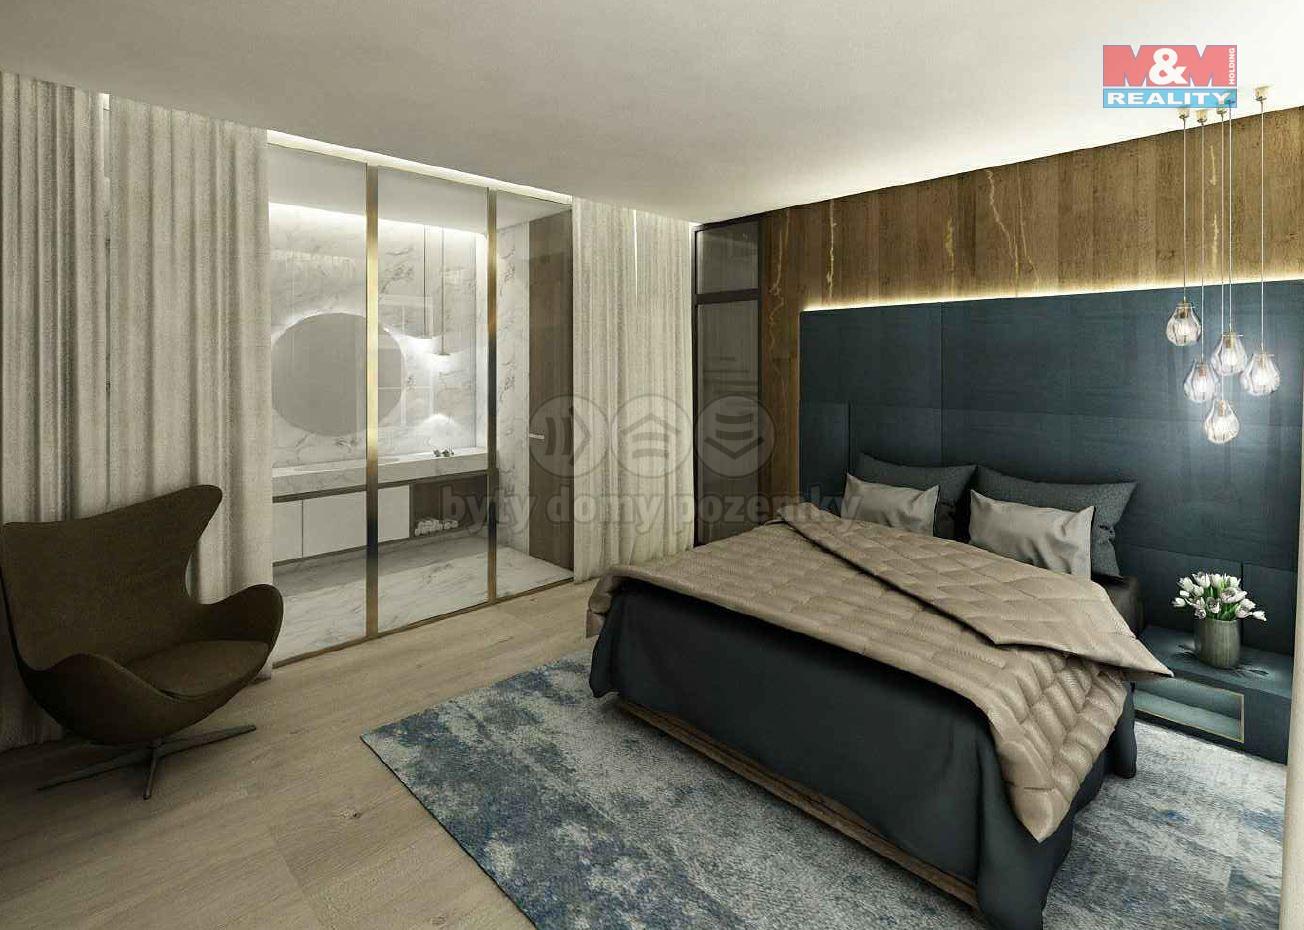 Prodej bytu 5+kk, 260 m², Praha, ul. U půjčovny